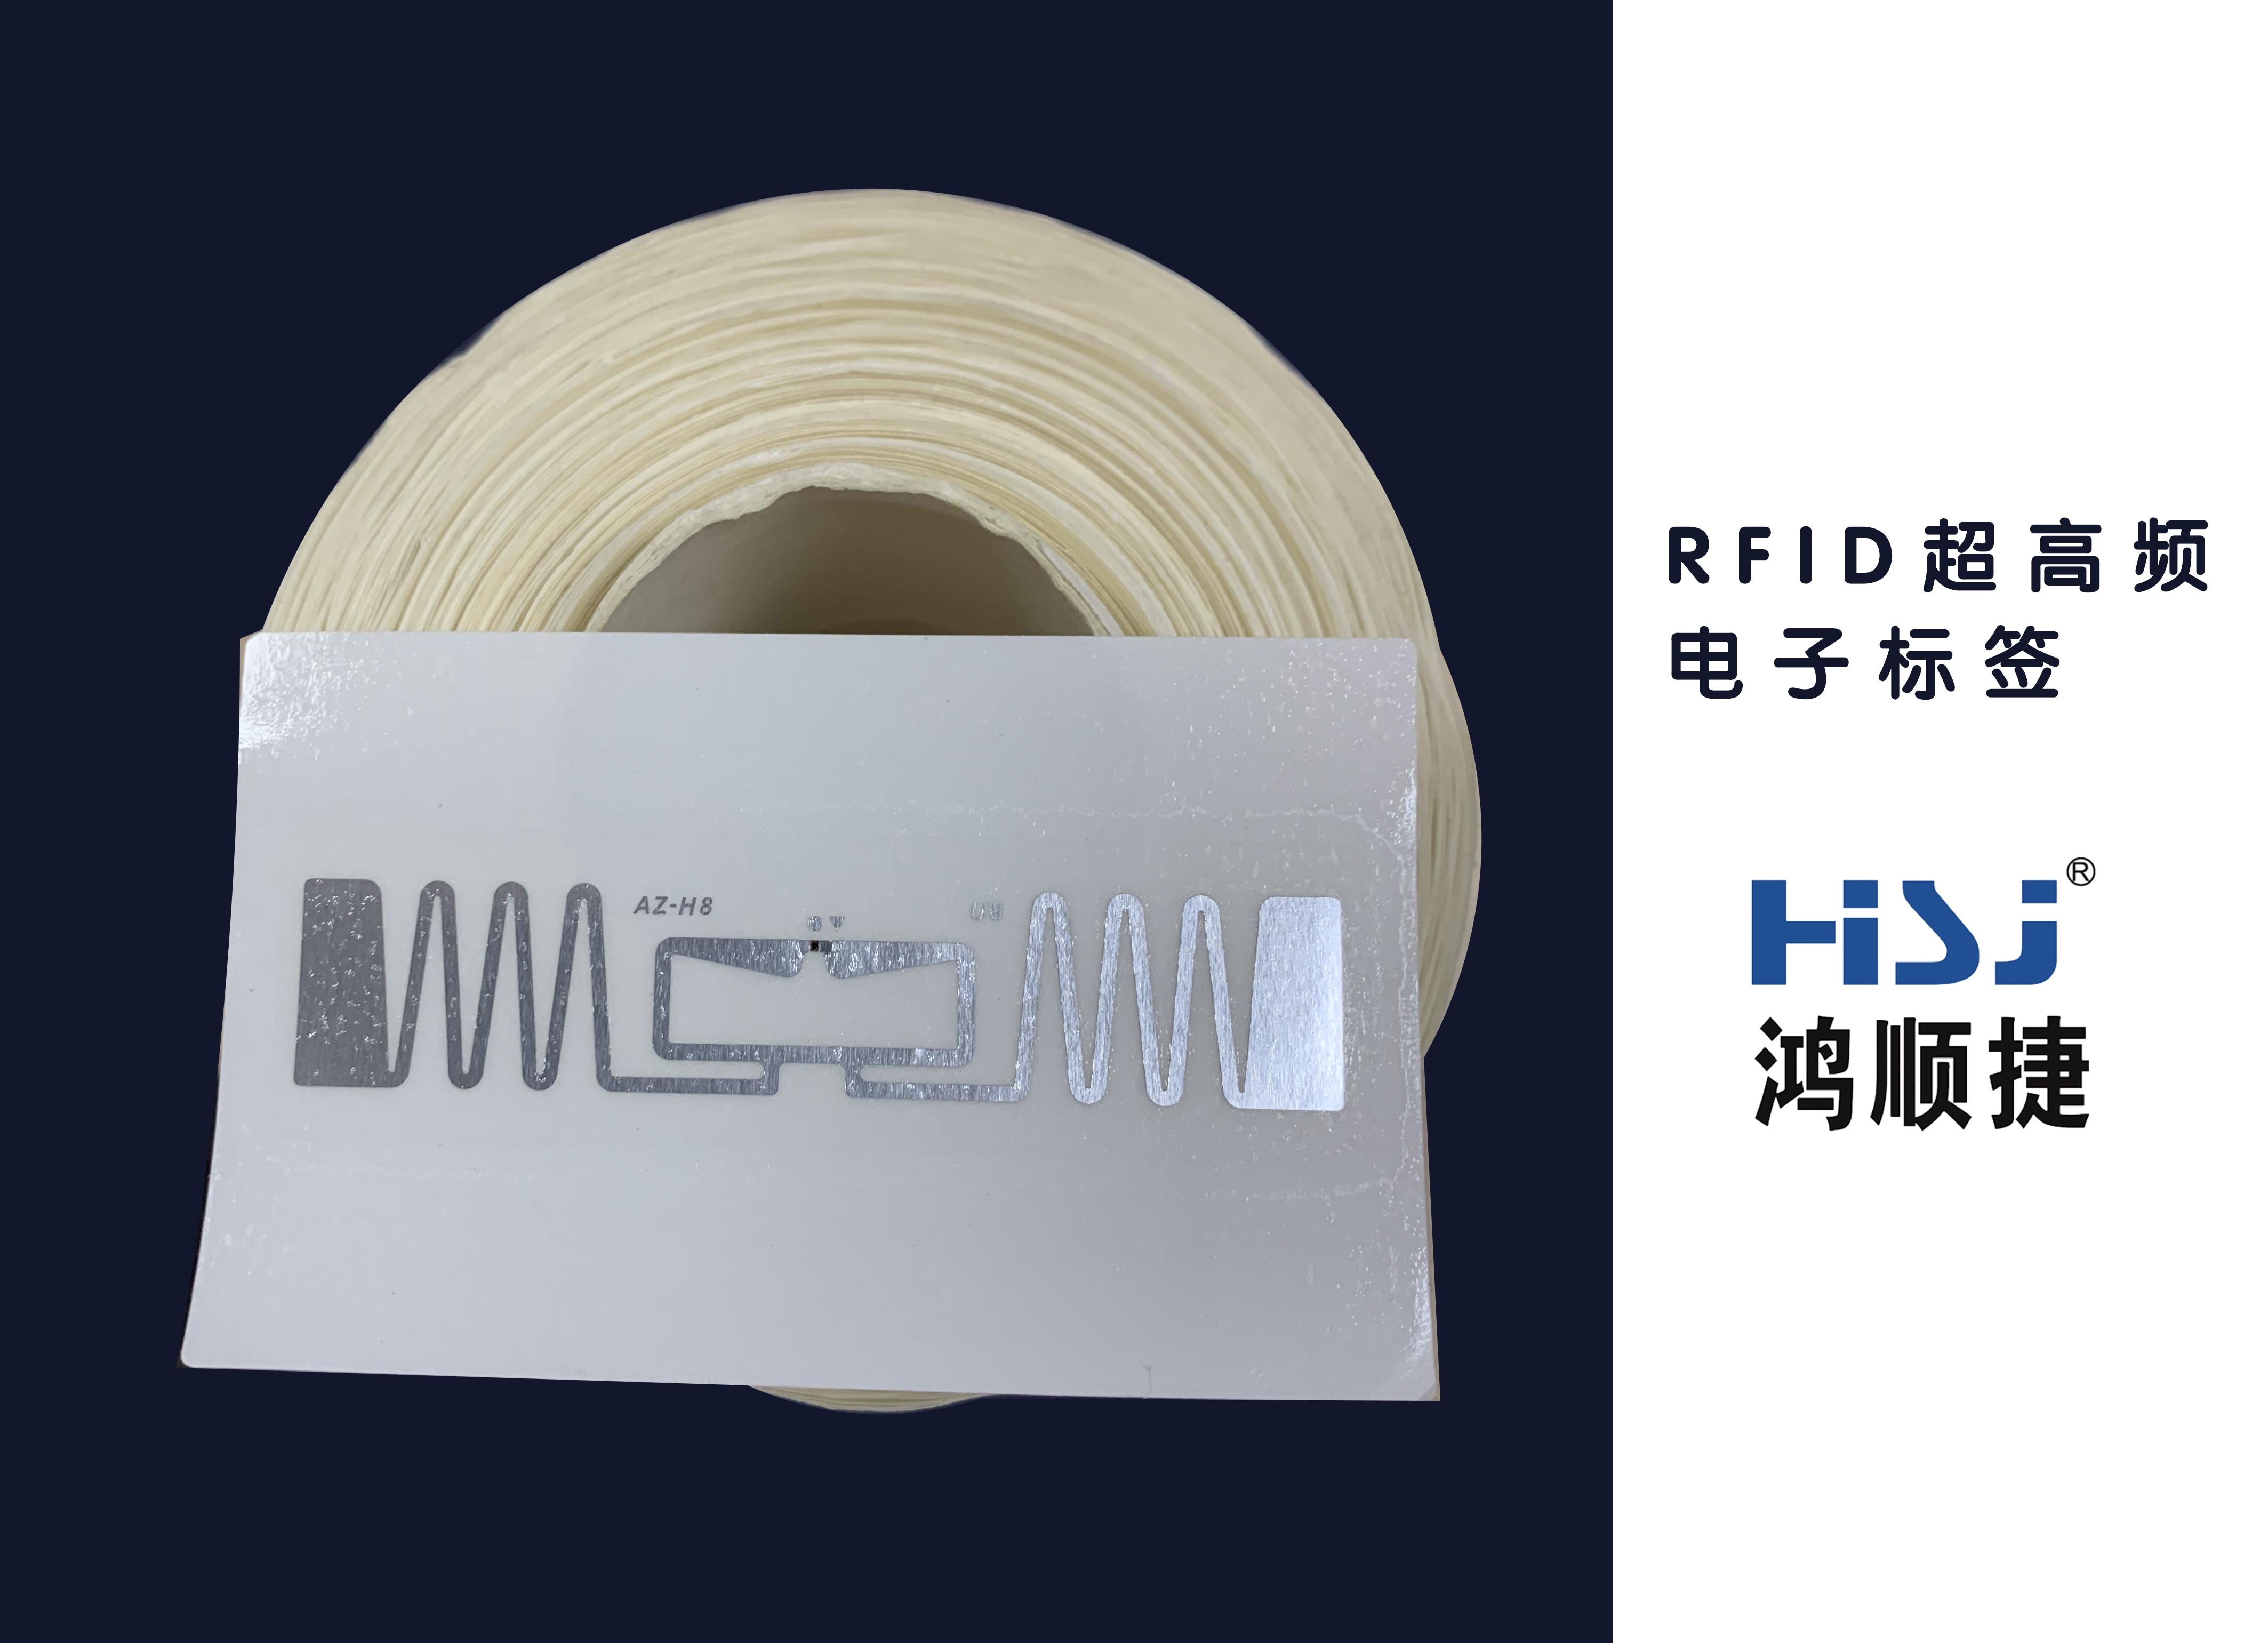 RFID的技术原理分析与优势